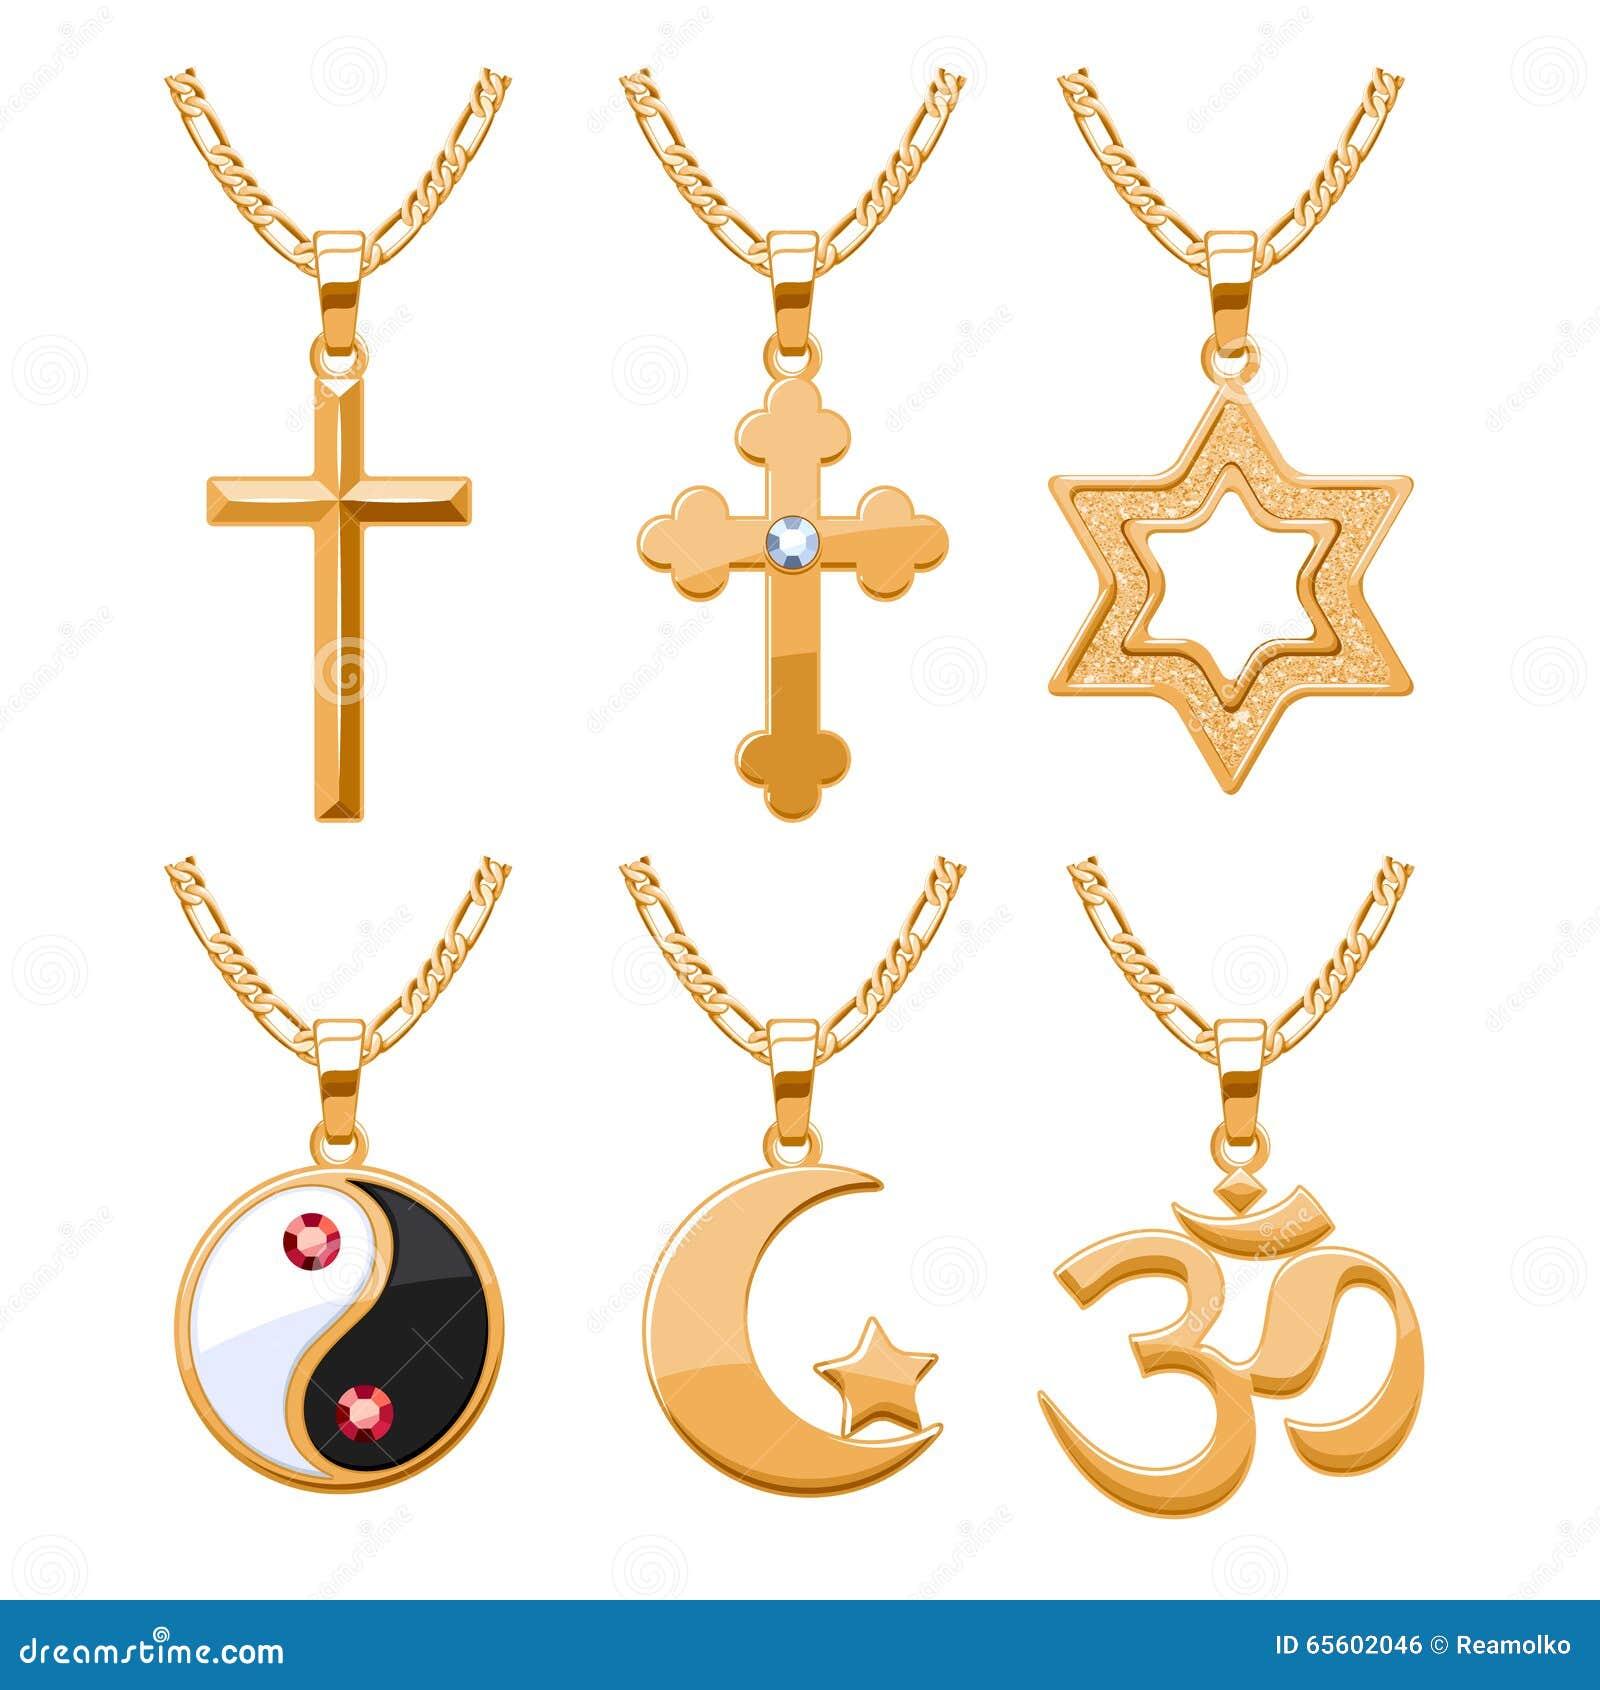 Jewelry and Religious Symbols